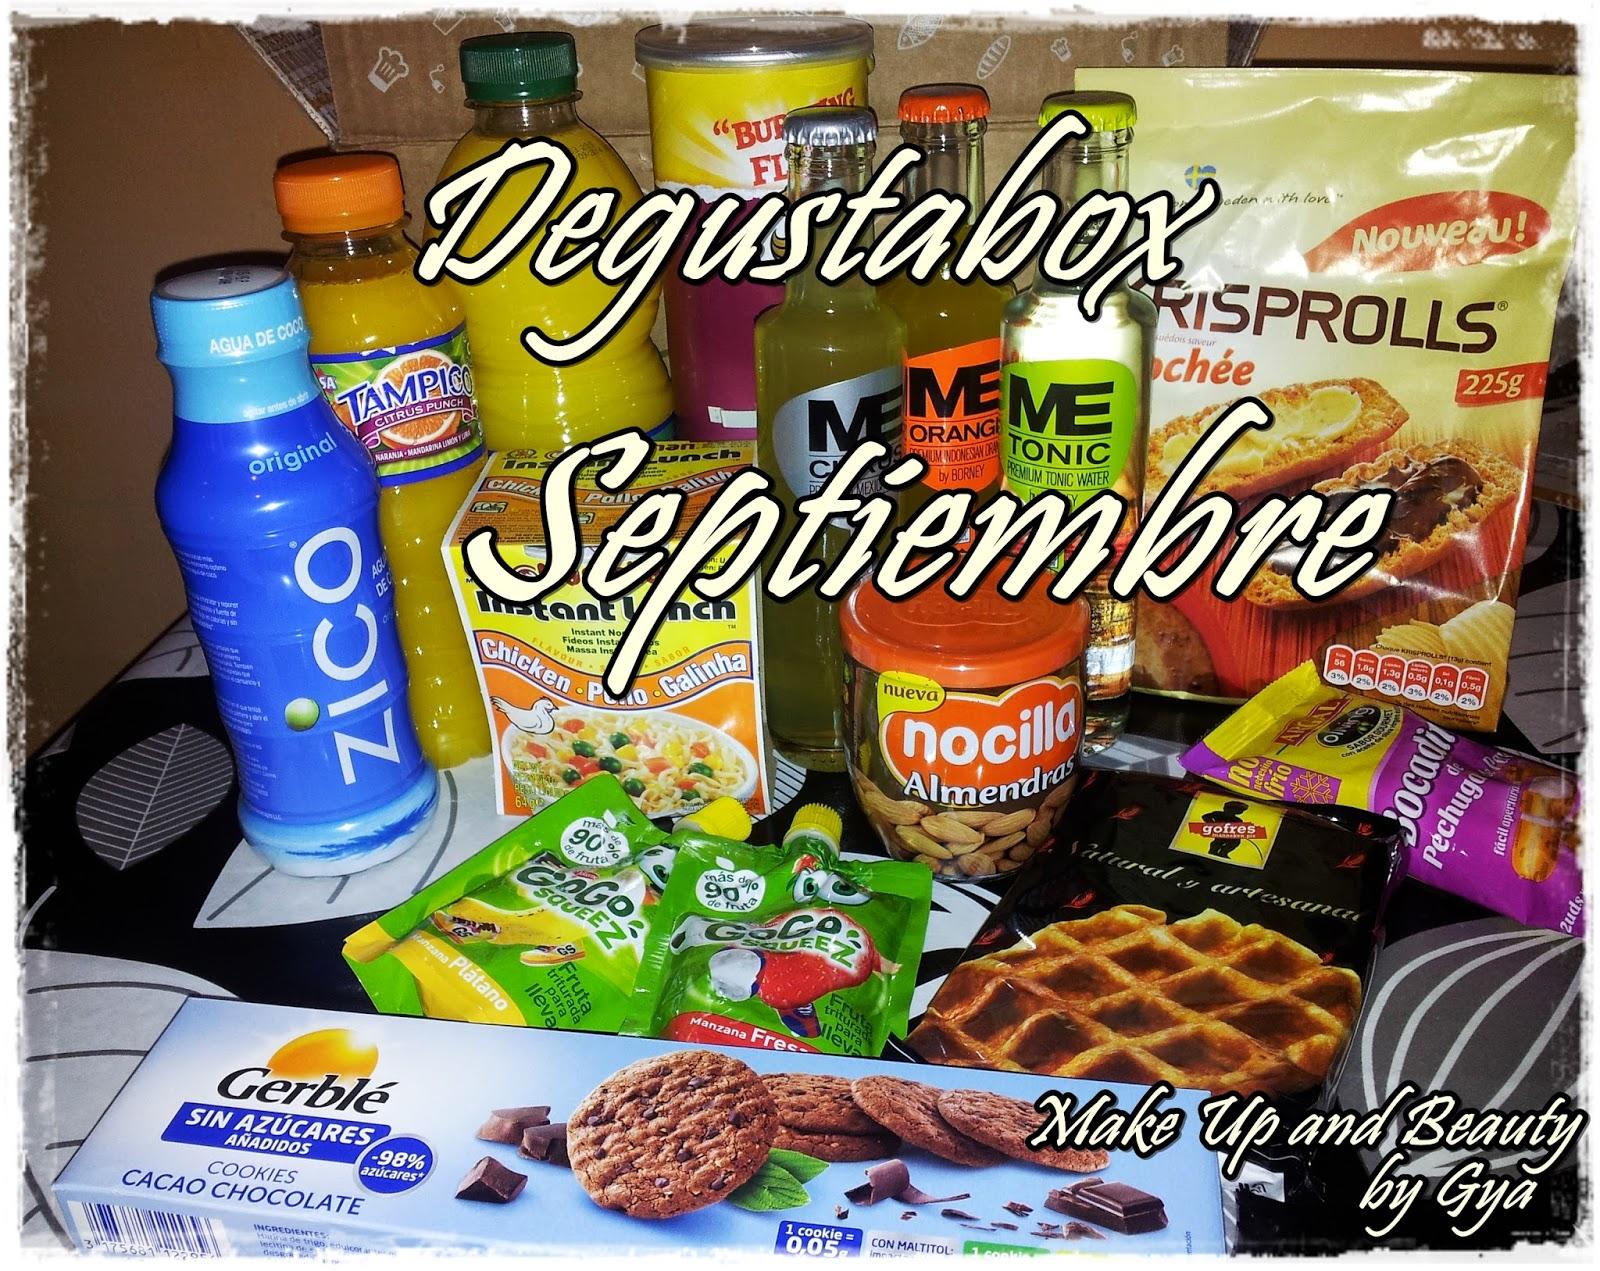 Degustabox Septiembre 2014